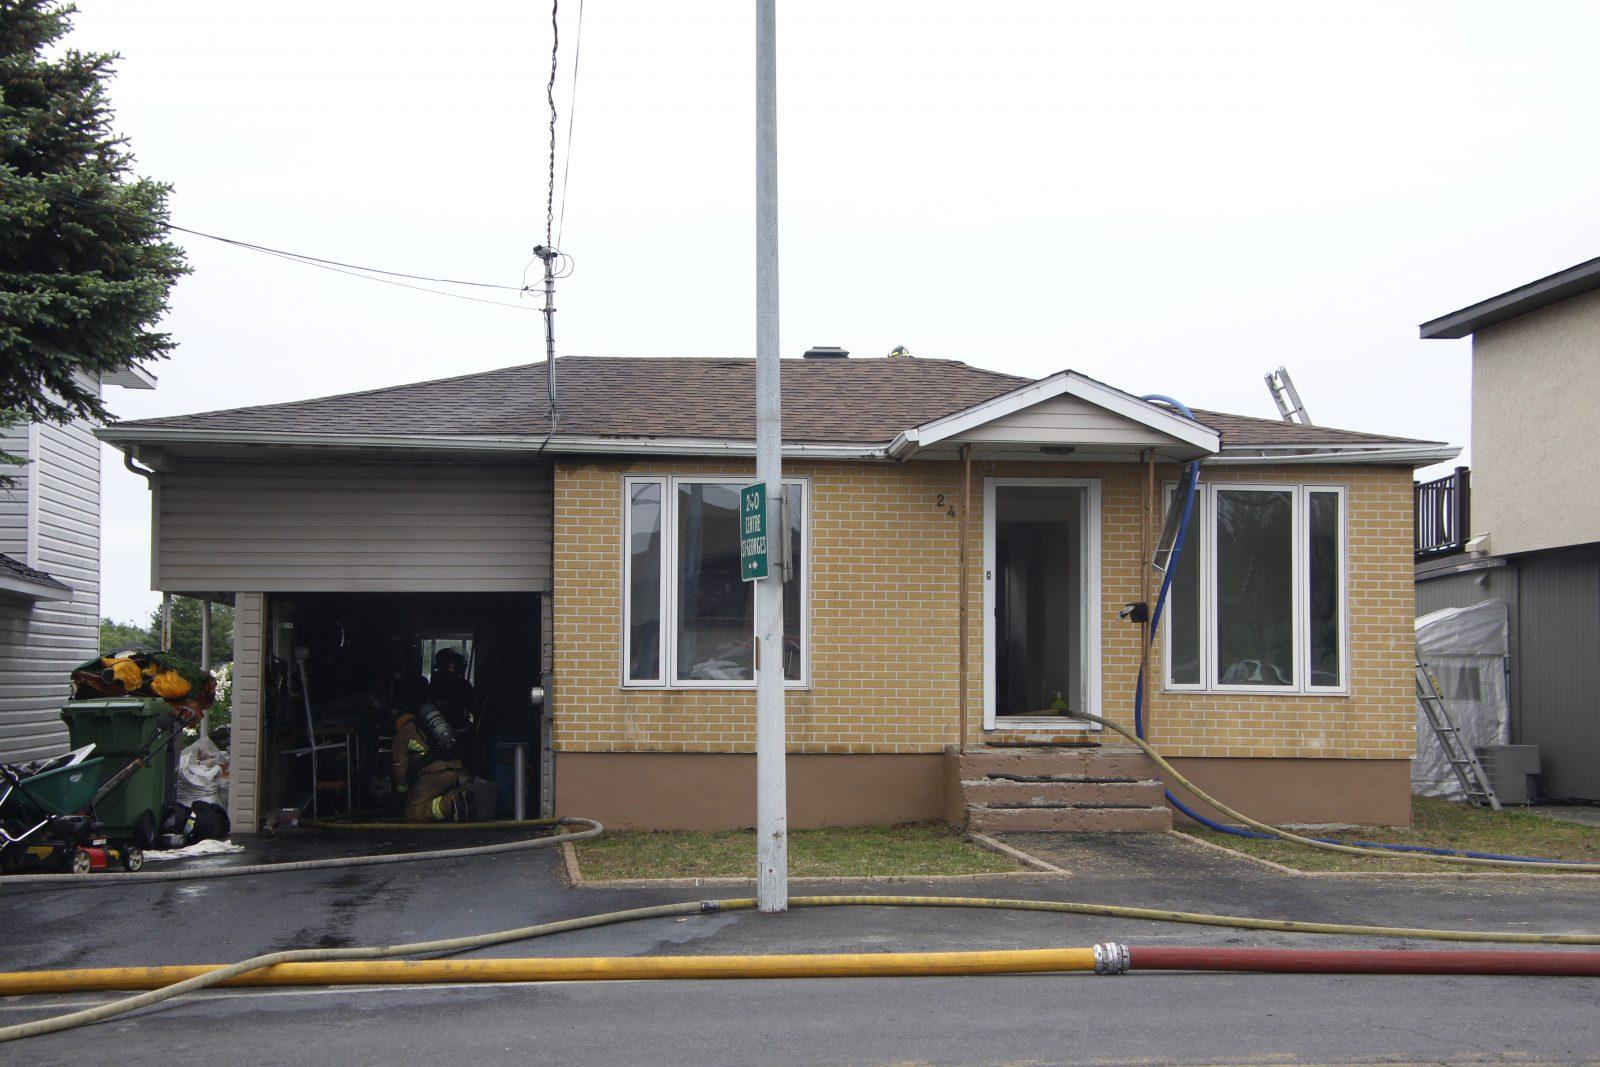 Maison incendiée sur Jean-Talon